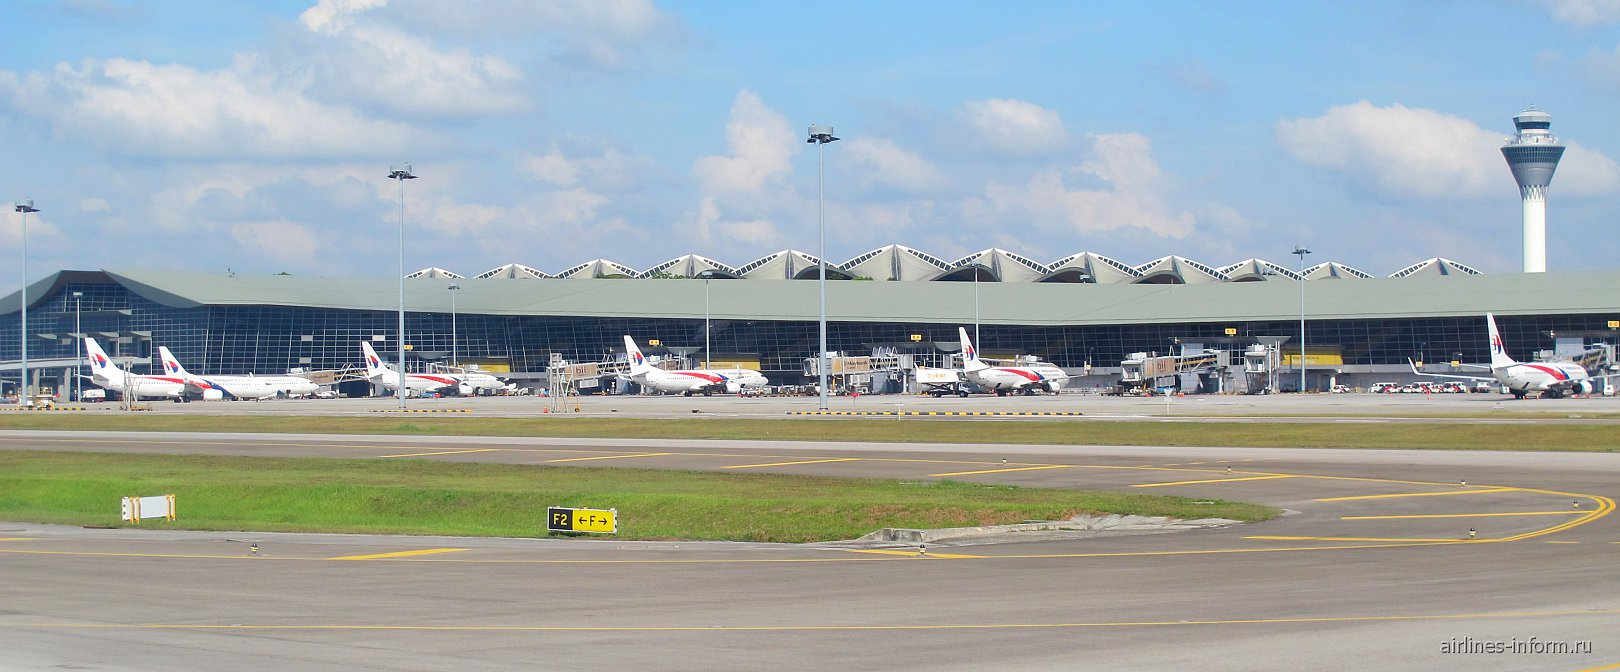 Основной пассажирский терминал аэропорта Куала-Лумпур